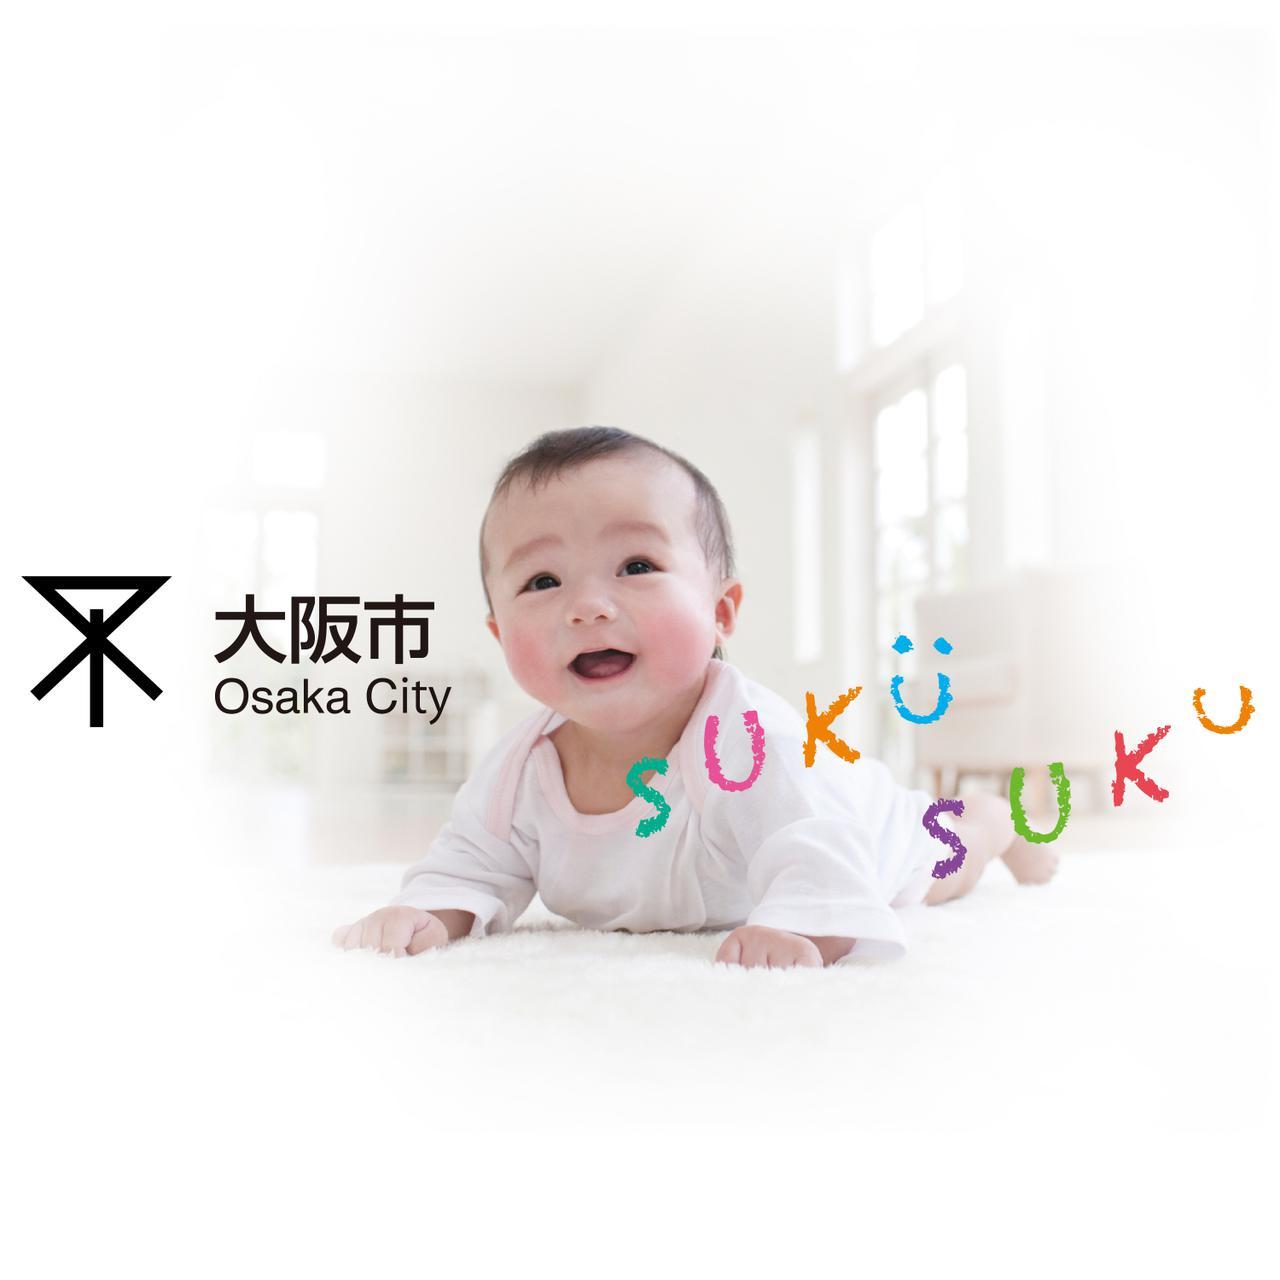 画像: 子どものショートステイ │ 大阪市すくすく